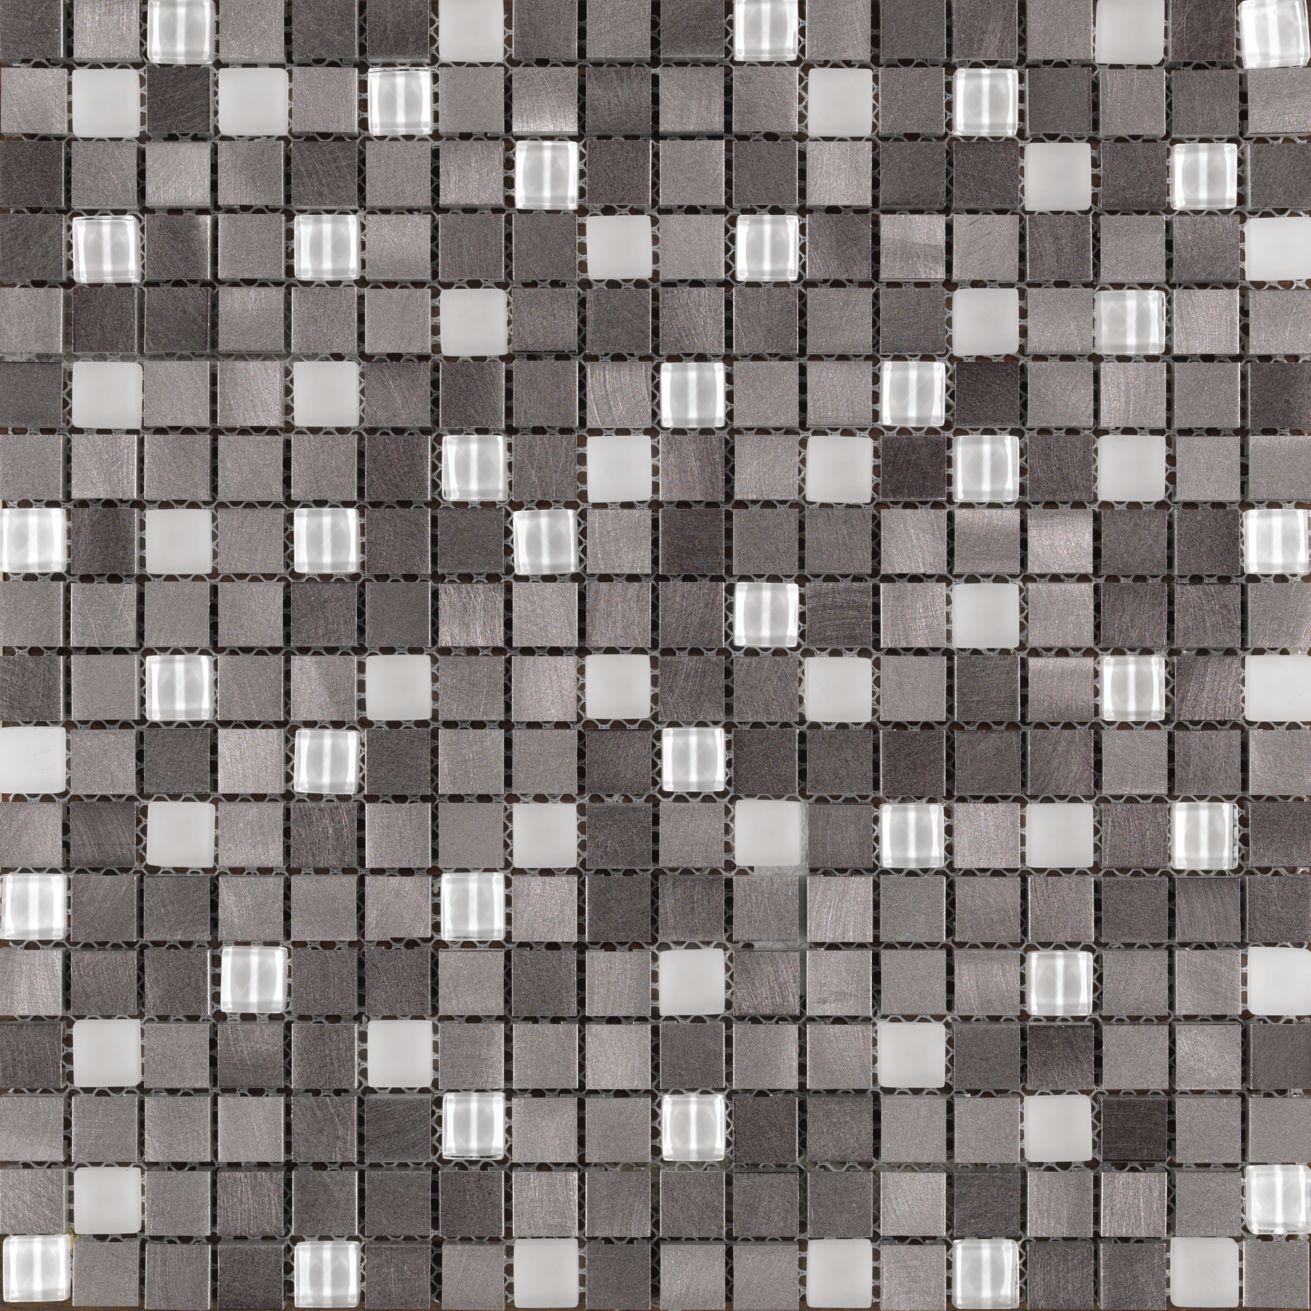 CeramicPorcelainTile ArborMetals T818-AM07 Nickel